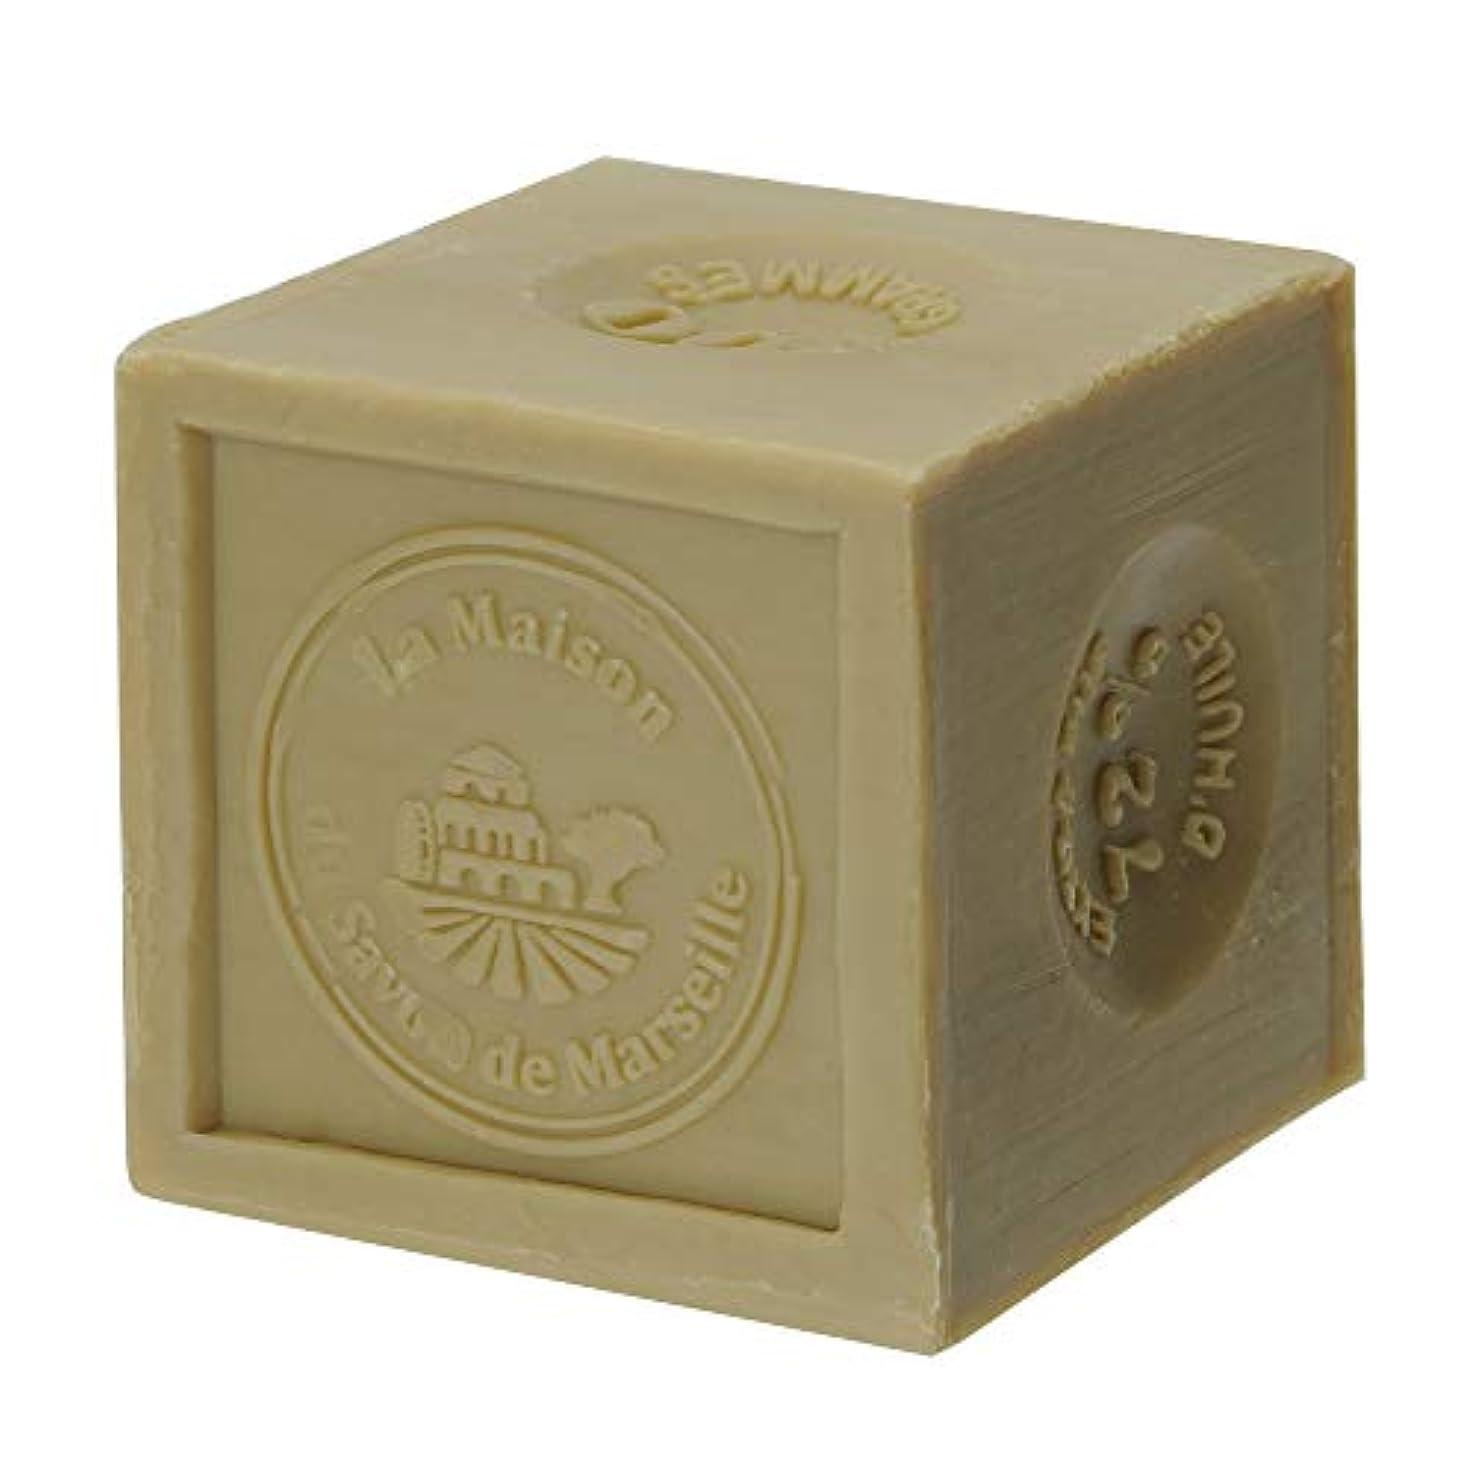 アソシエイト戸棚さておきノルコーポレーション マルセイユ石鹸 オリーブ UPSM認証マーク付き 300g MLL-3-1